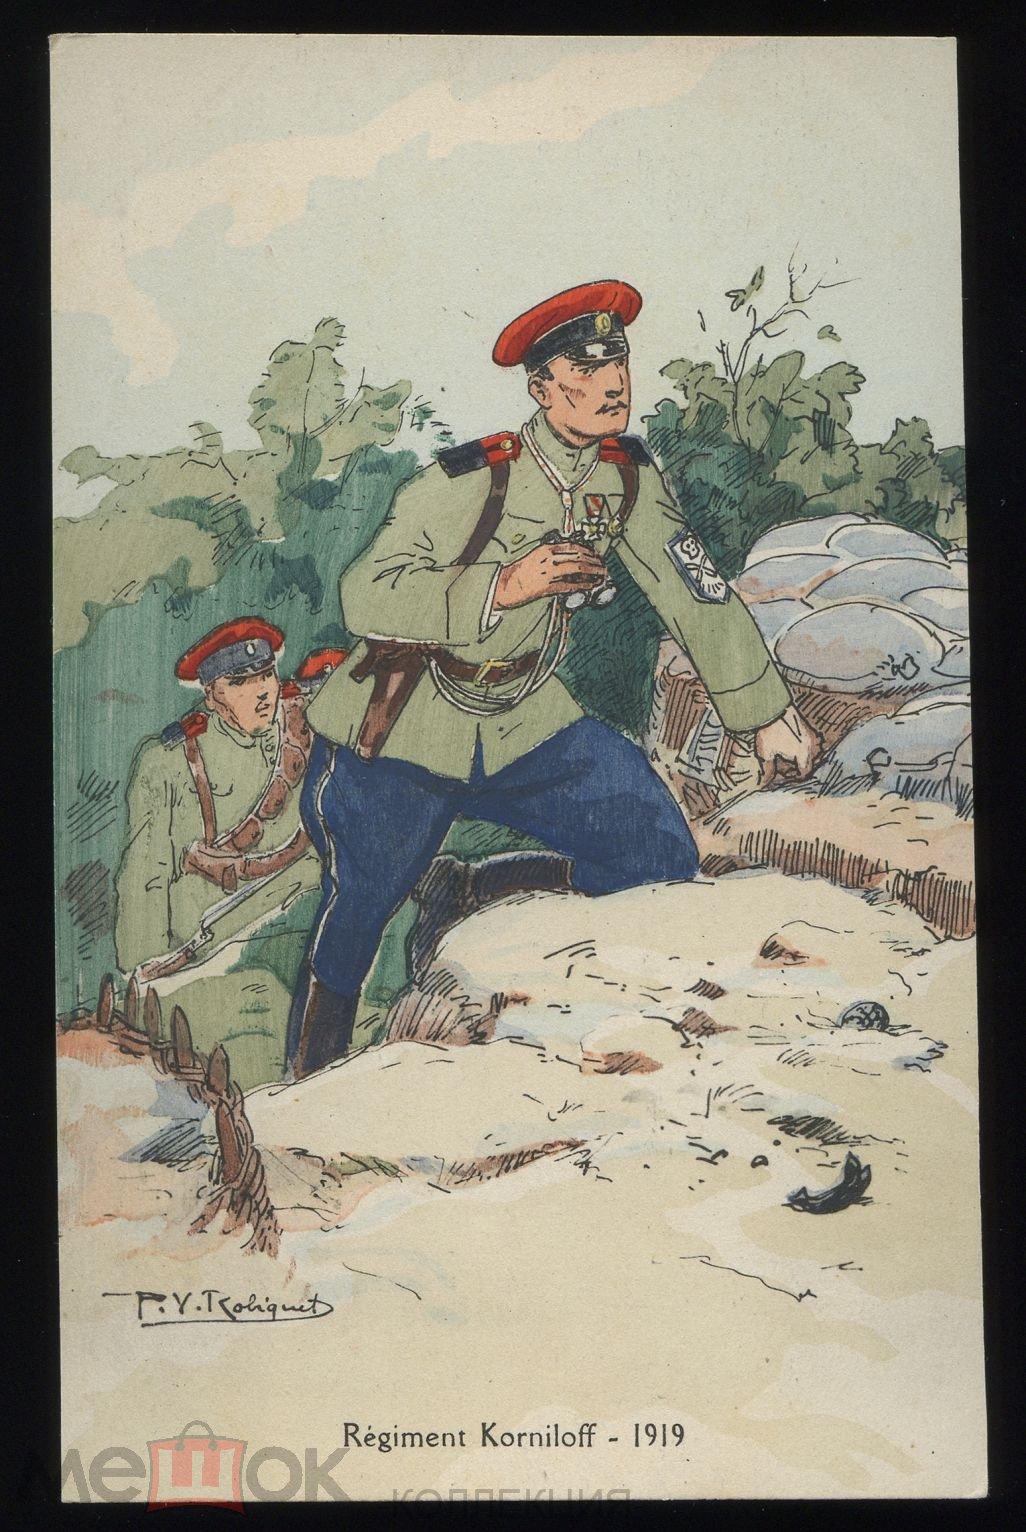 Корниловский ударный полк, 1919. Белая армия. Ранняя эмигрантская открытка. Белая эмиграция.